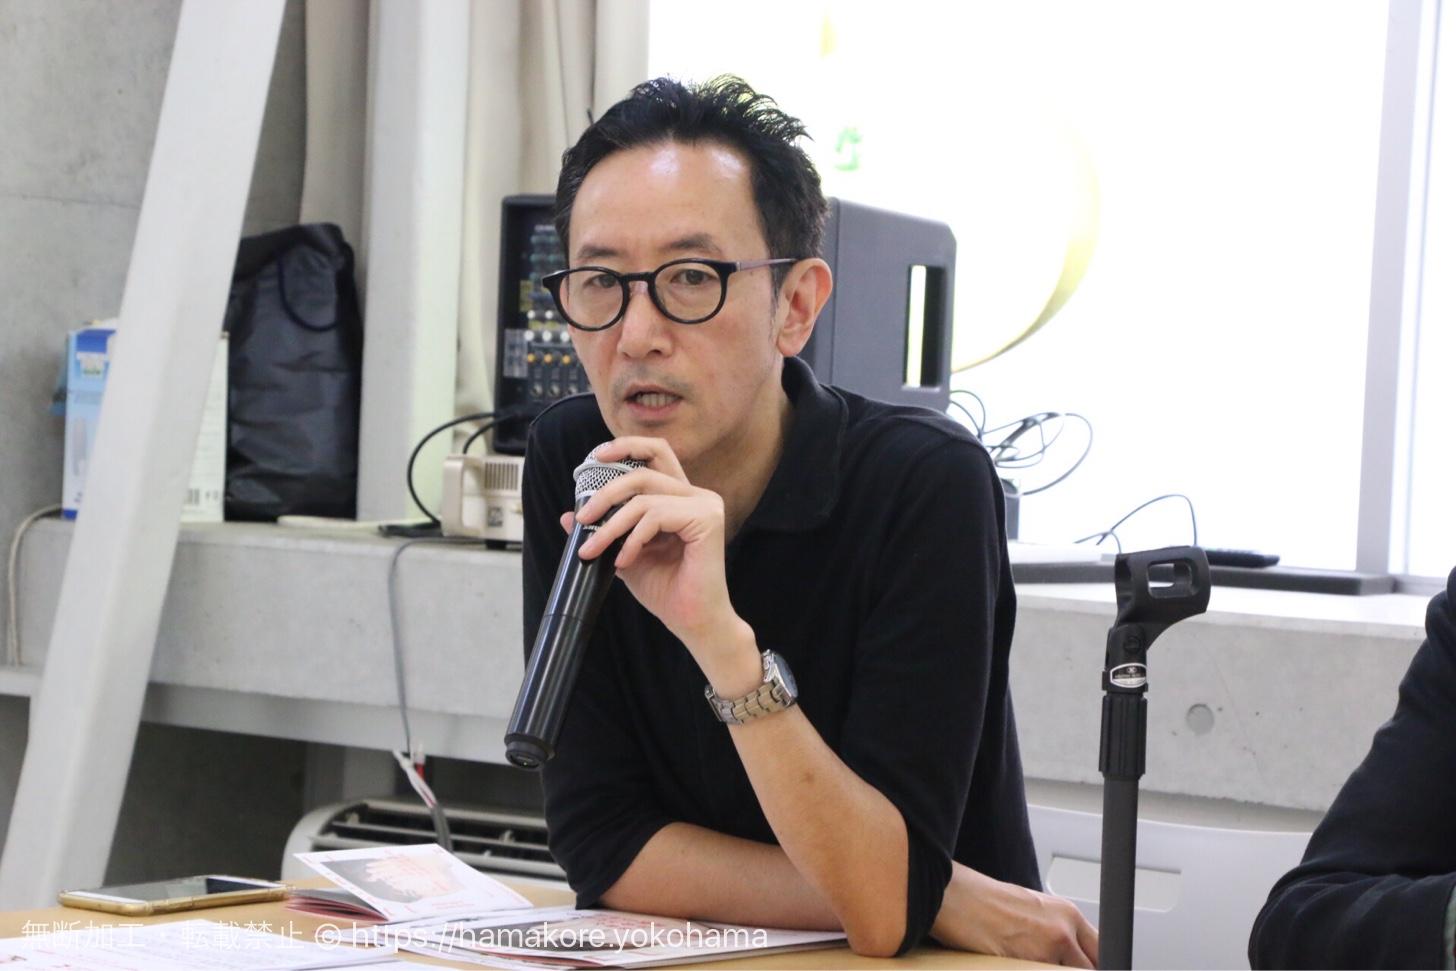 黄金町バザール 2017 ゲスト・キュレーター 窪田研二氏